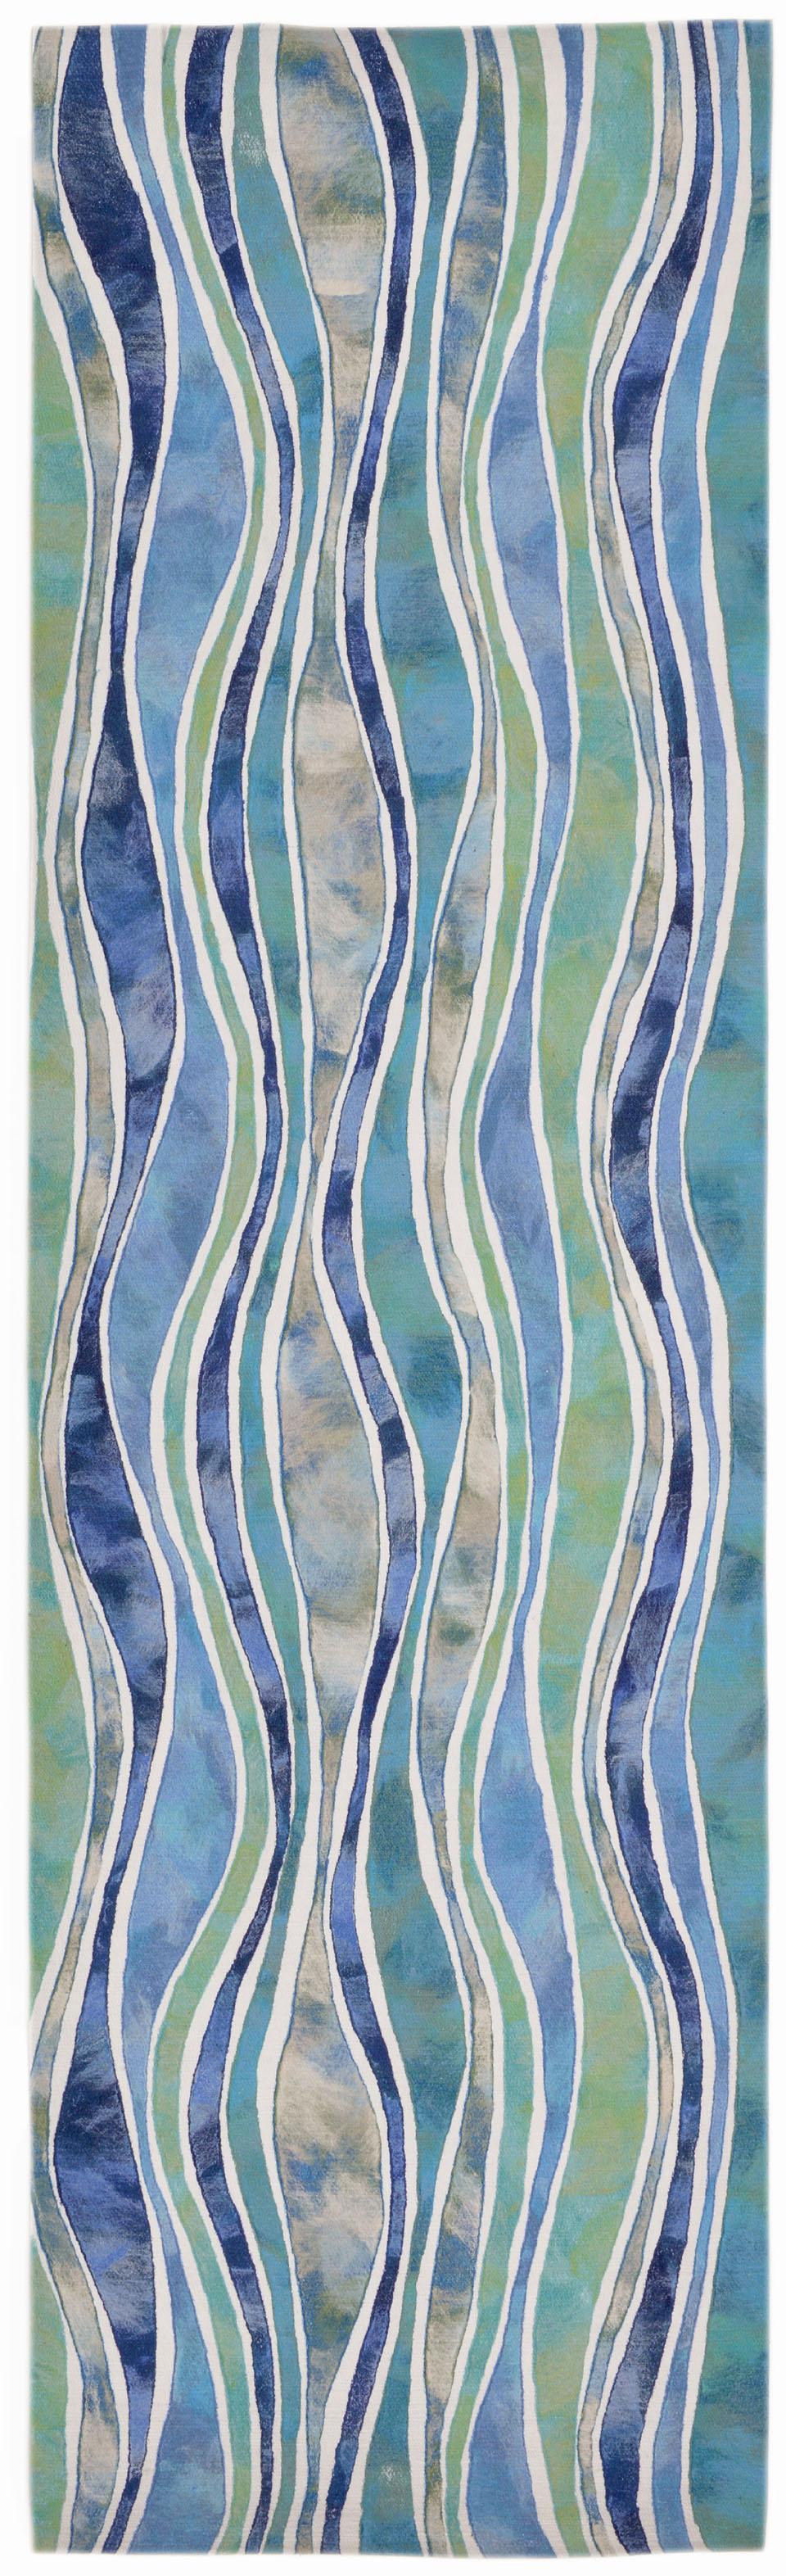 Trans Ocean Visions Iii Wave Ocean 3126 04 Area Rug Free